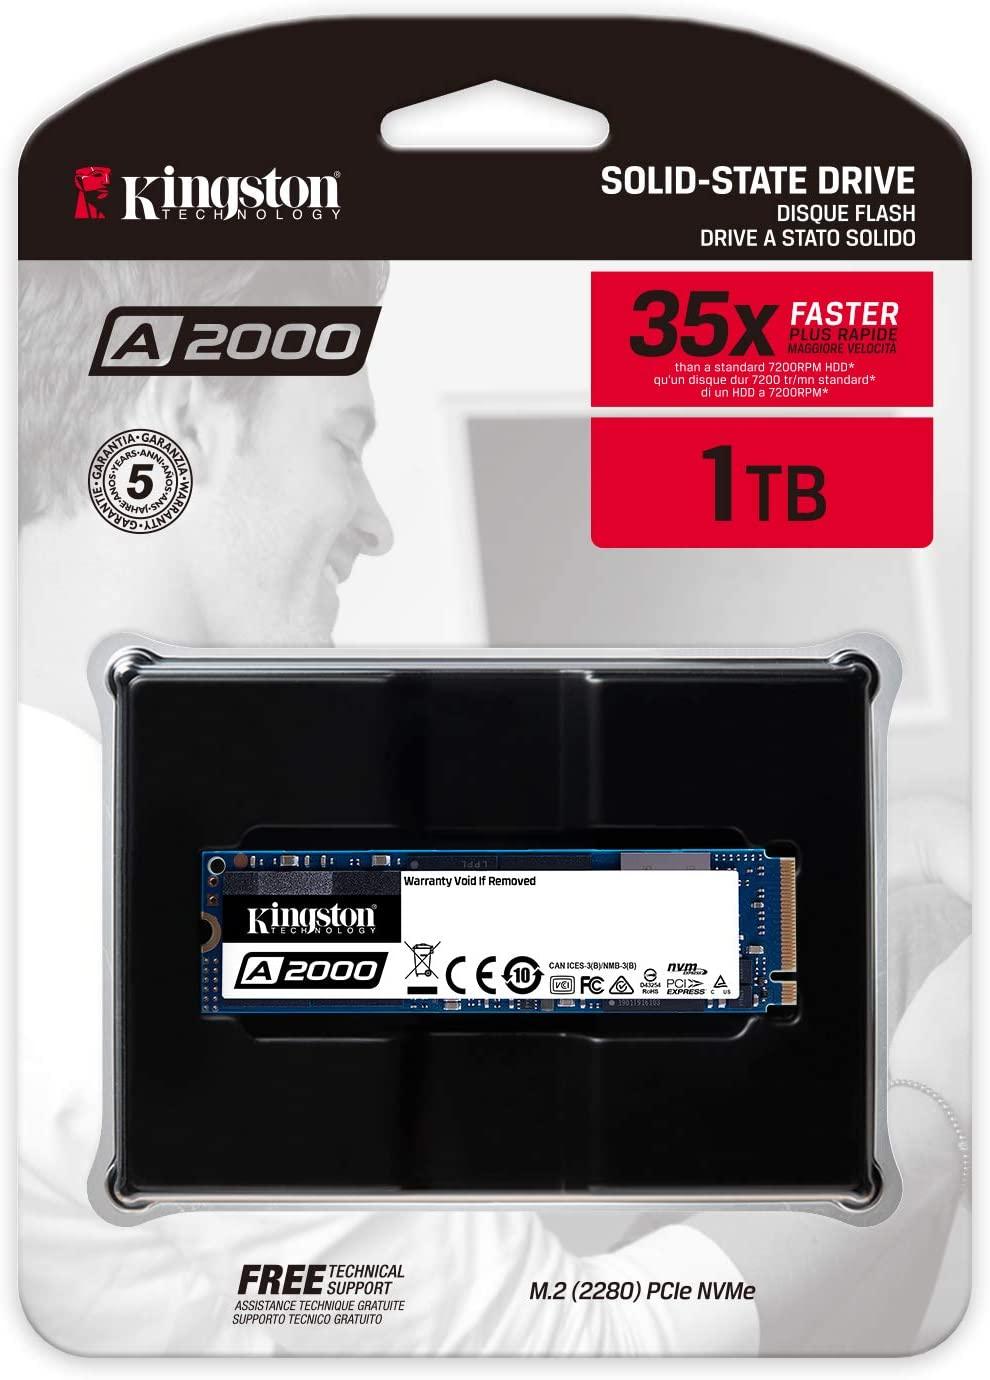 Kingston SA2000M8/1000G A2000 NVMe PCIe M.2 2280 1TB SSD